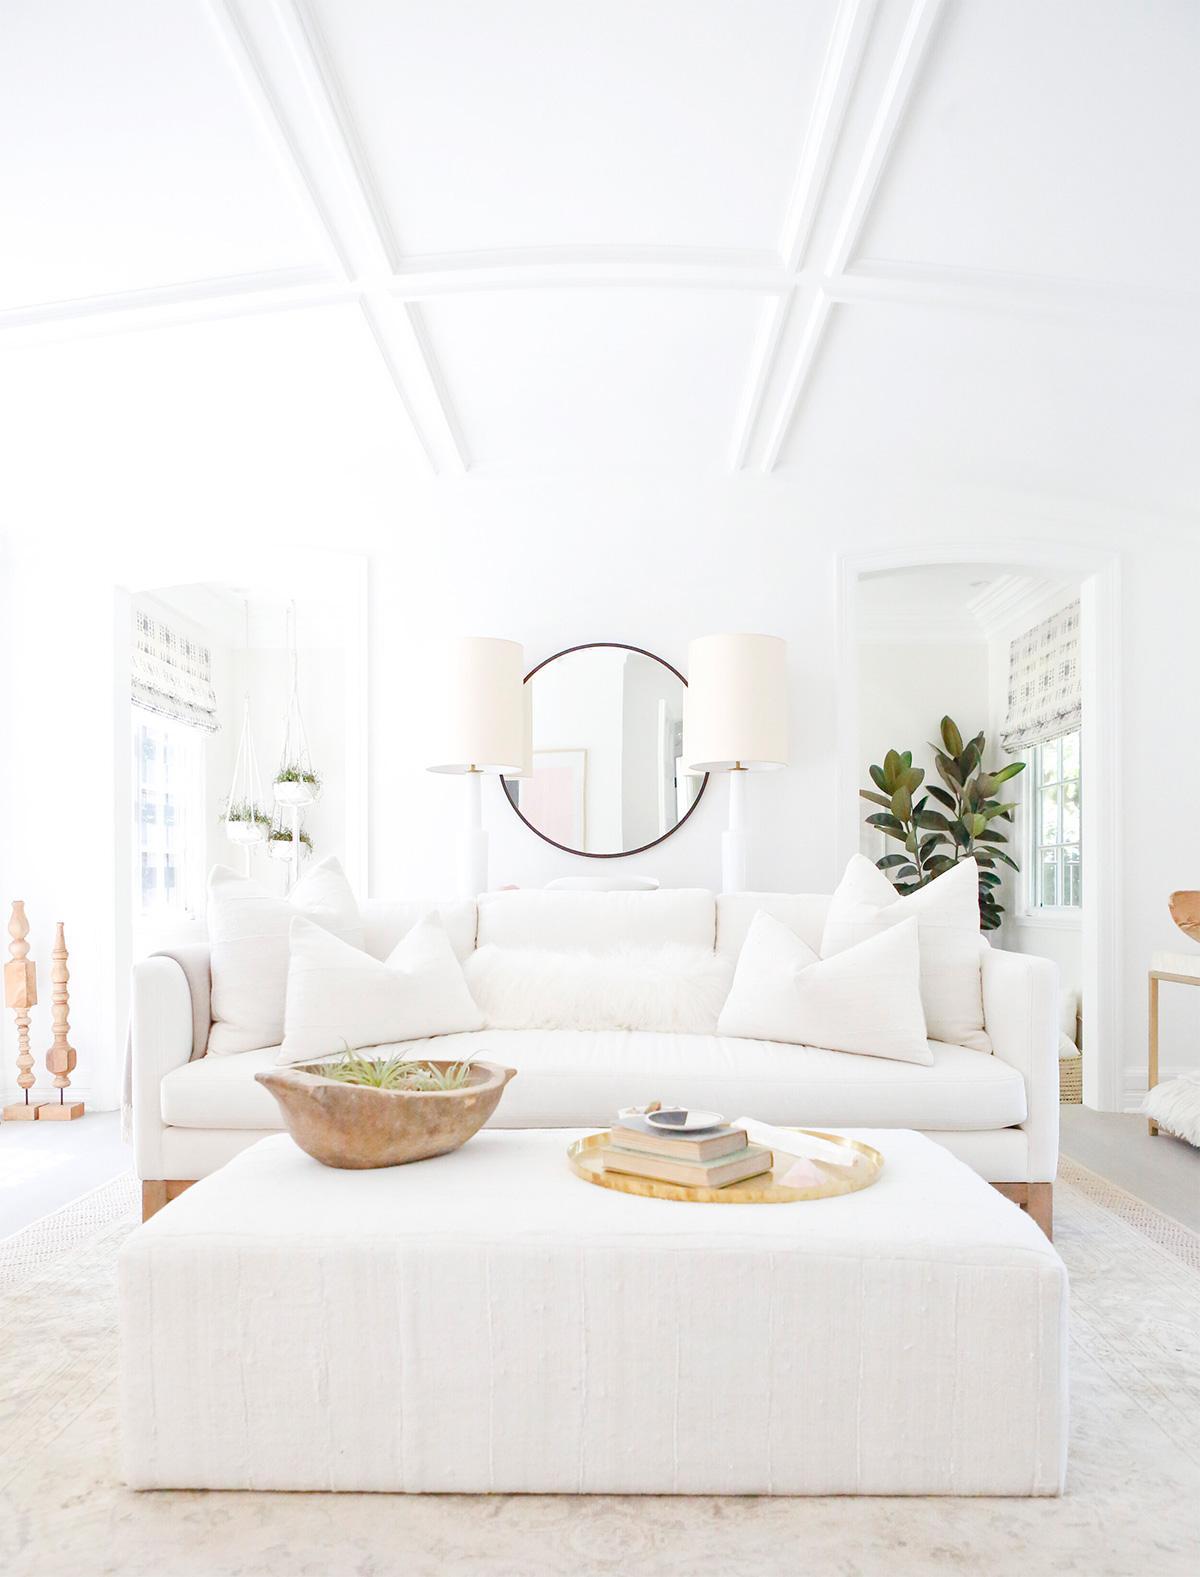 Thiết kế phòng khách với gam màu trắng